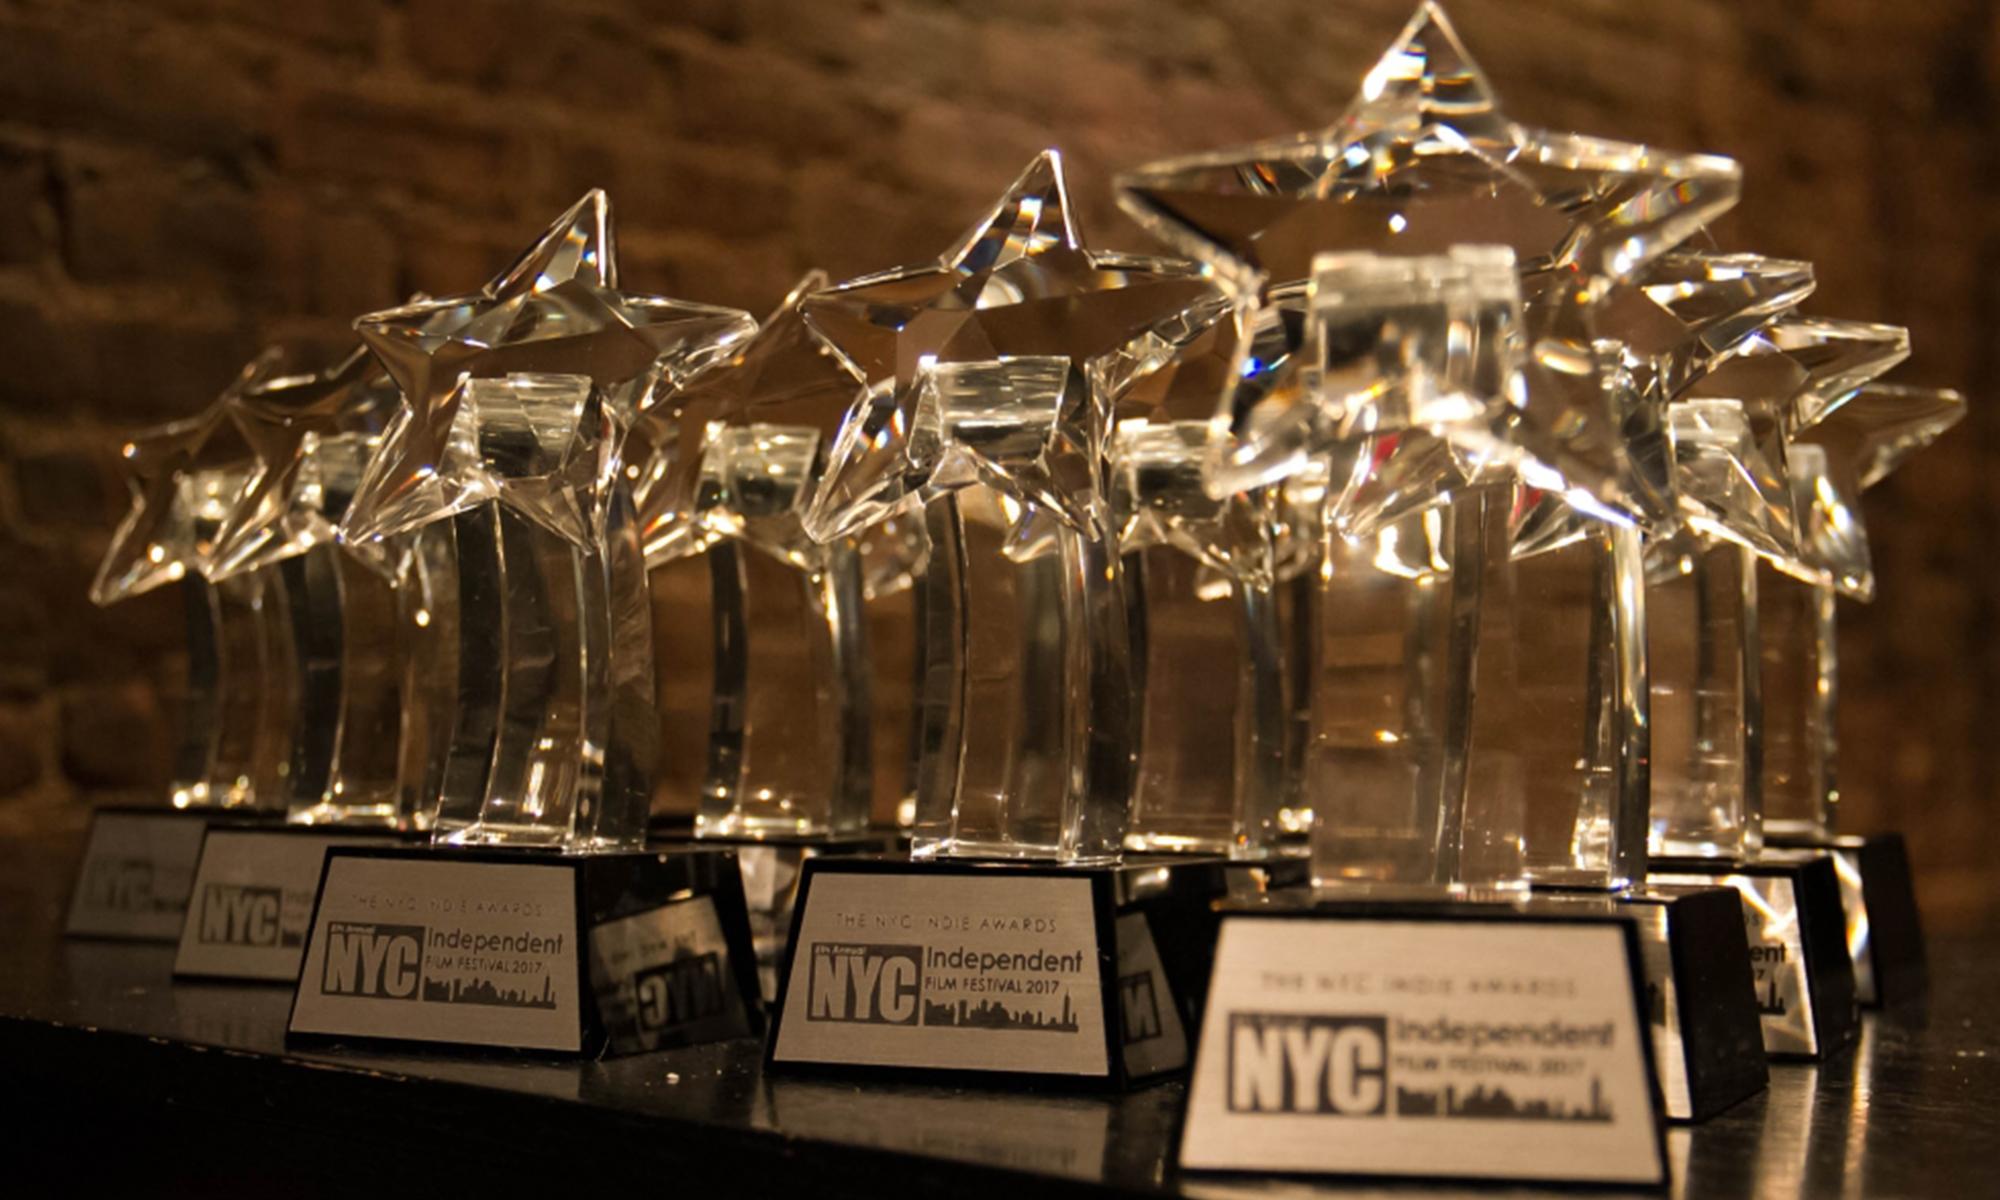 New-York-City-Independent-Film-Festival-2018-filmfestivallife